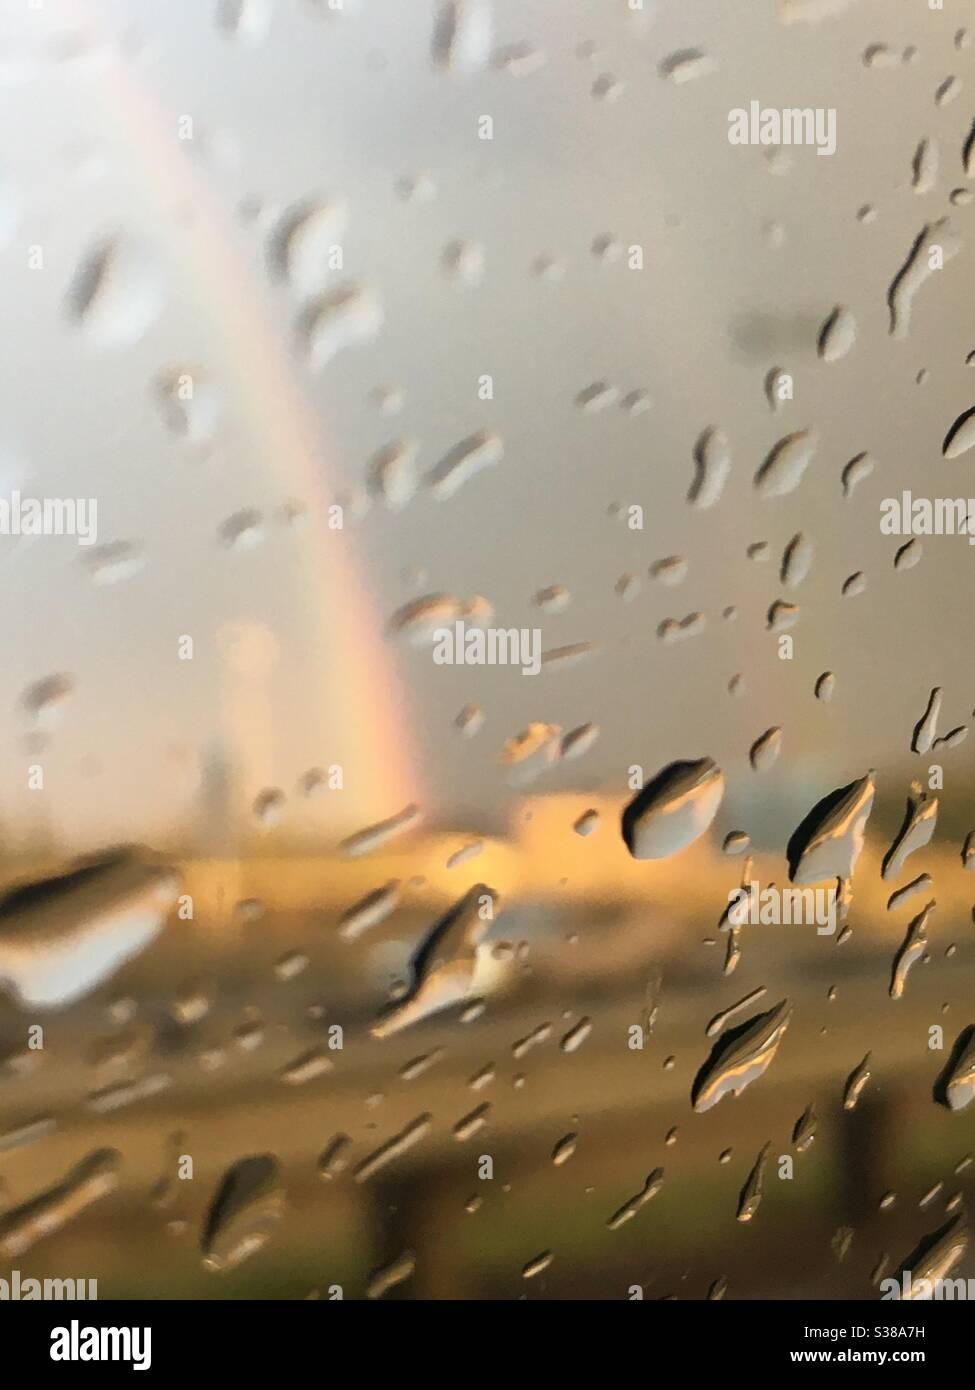 rainbow on a rainy day Stock Photo